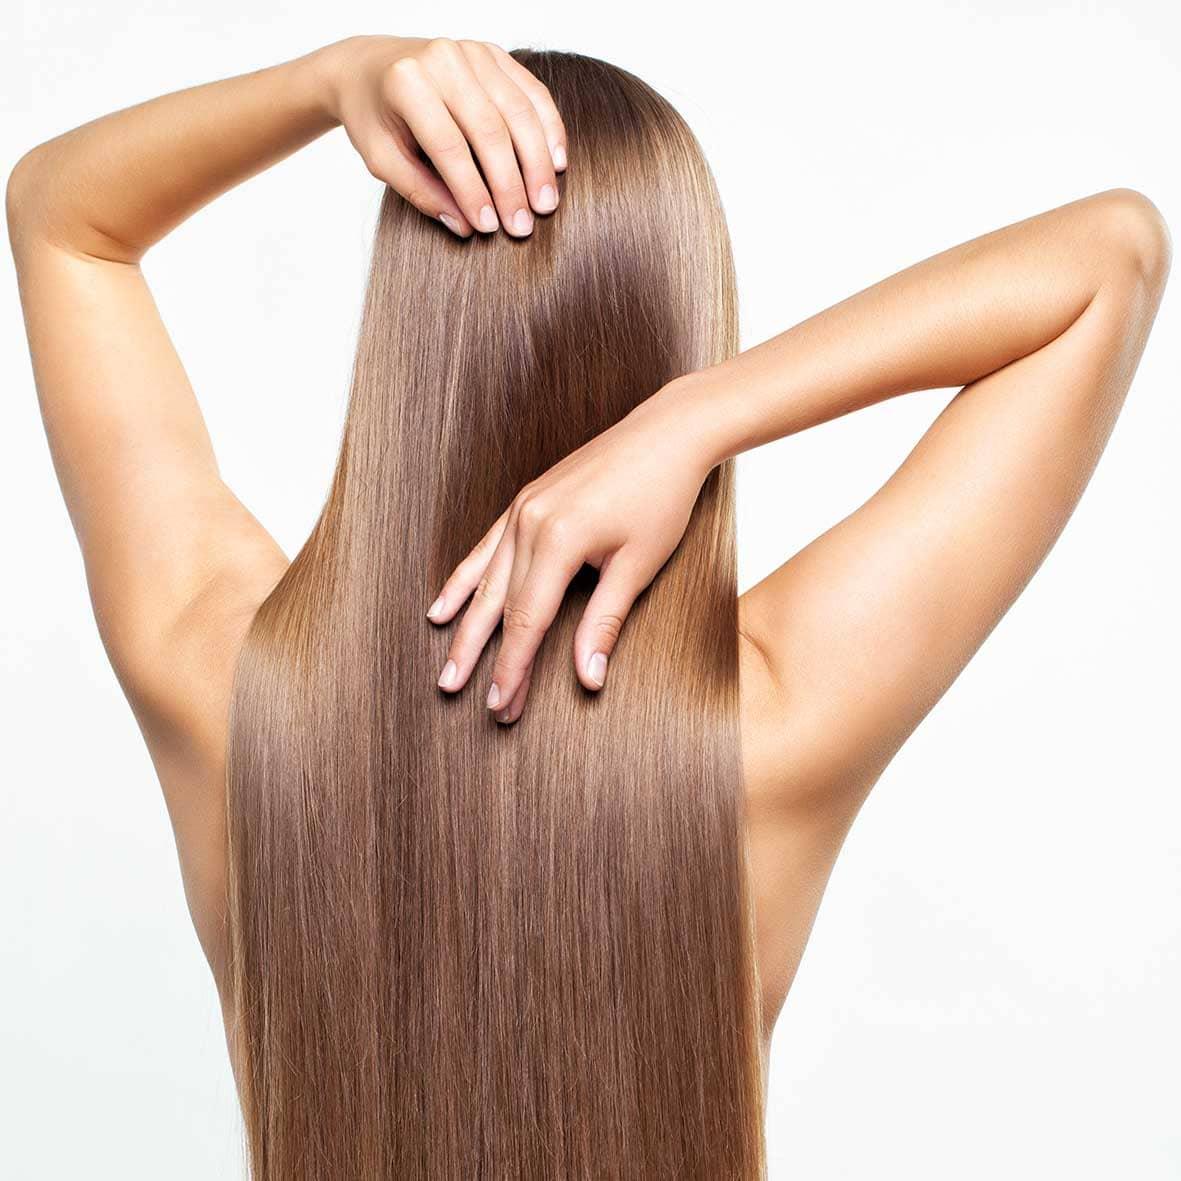 Не обязательно ходить в дорогие салоны, за волосами можно отлично ухаживать в домашних условиях